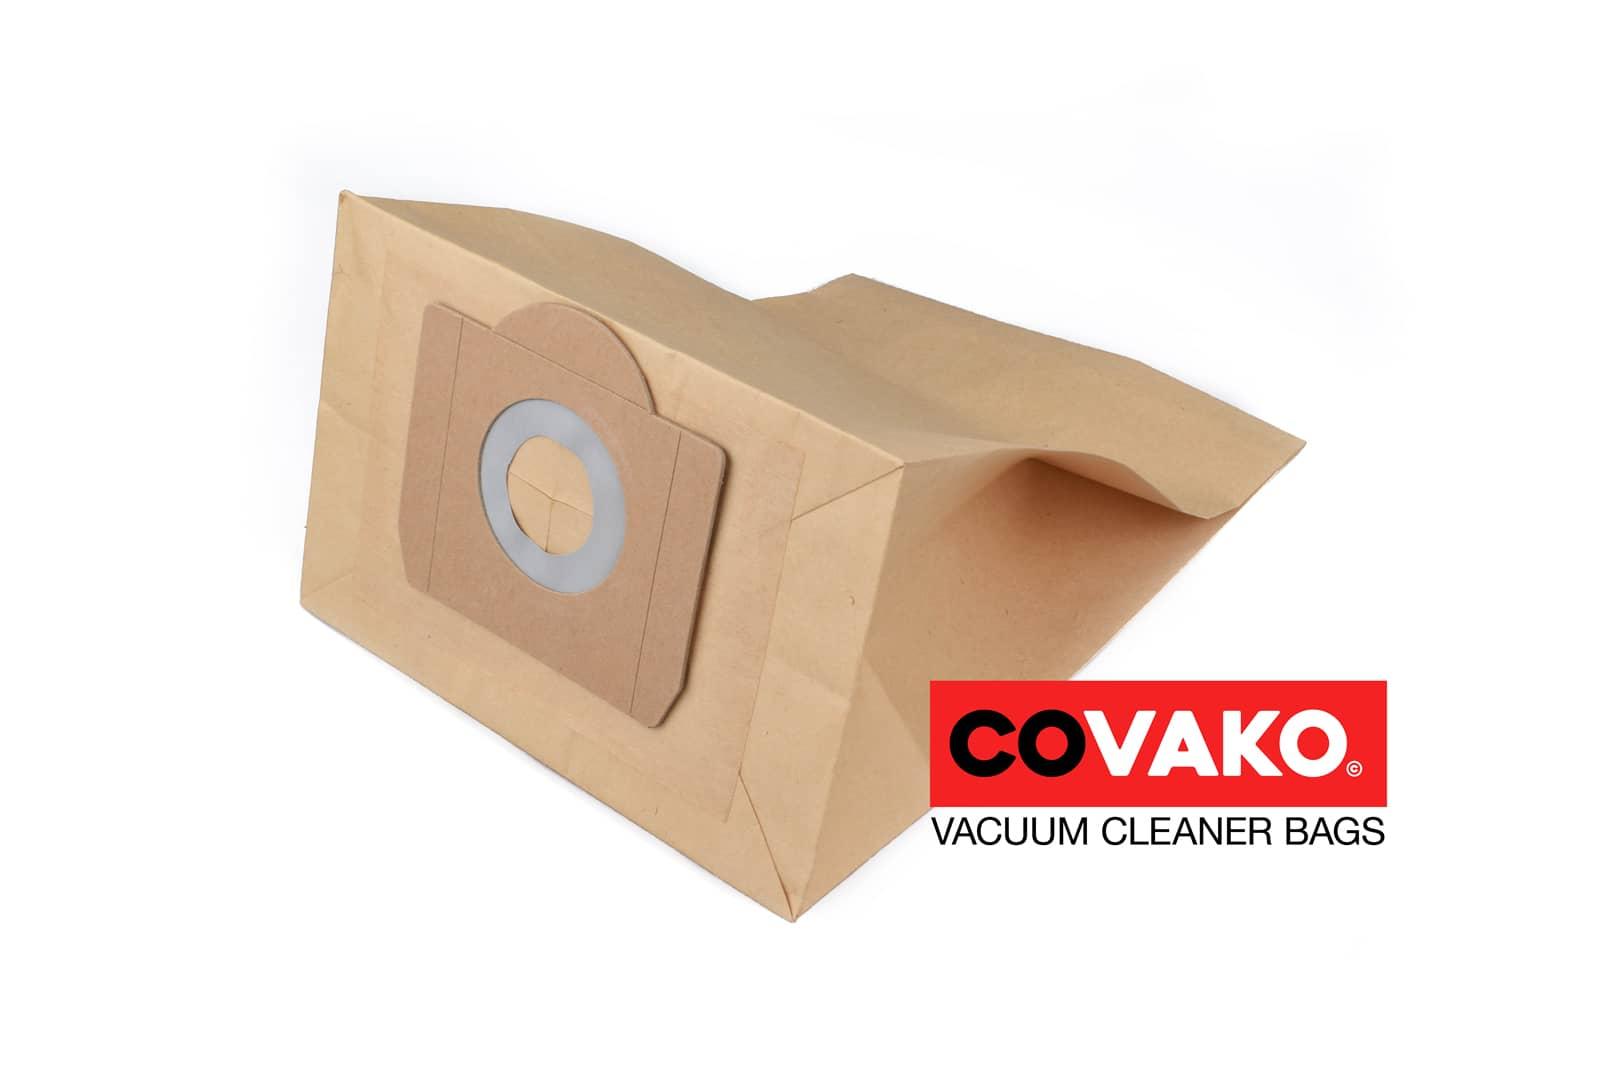 Hako Supervac L 1-15 / Papier - Hako stofzuigerzakken